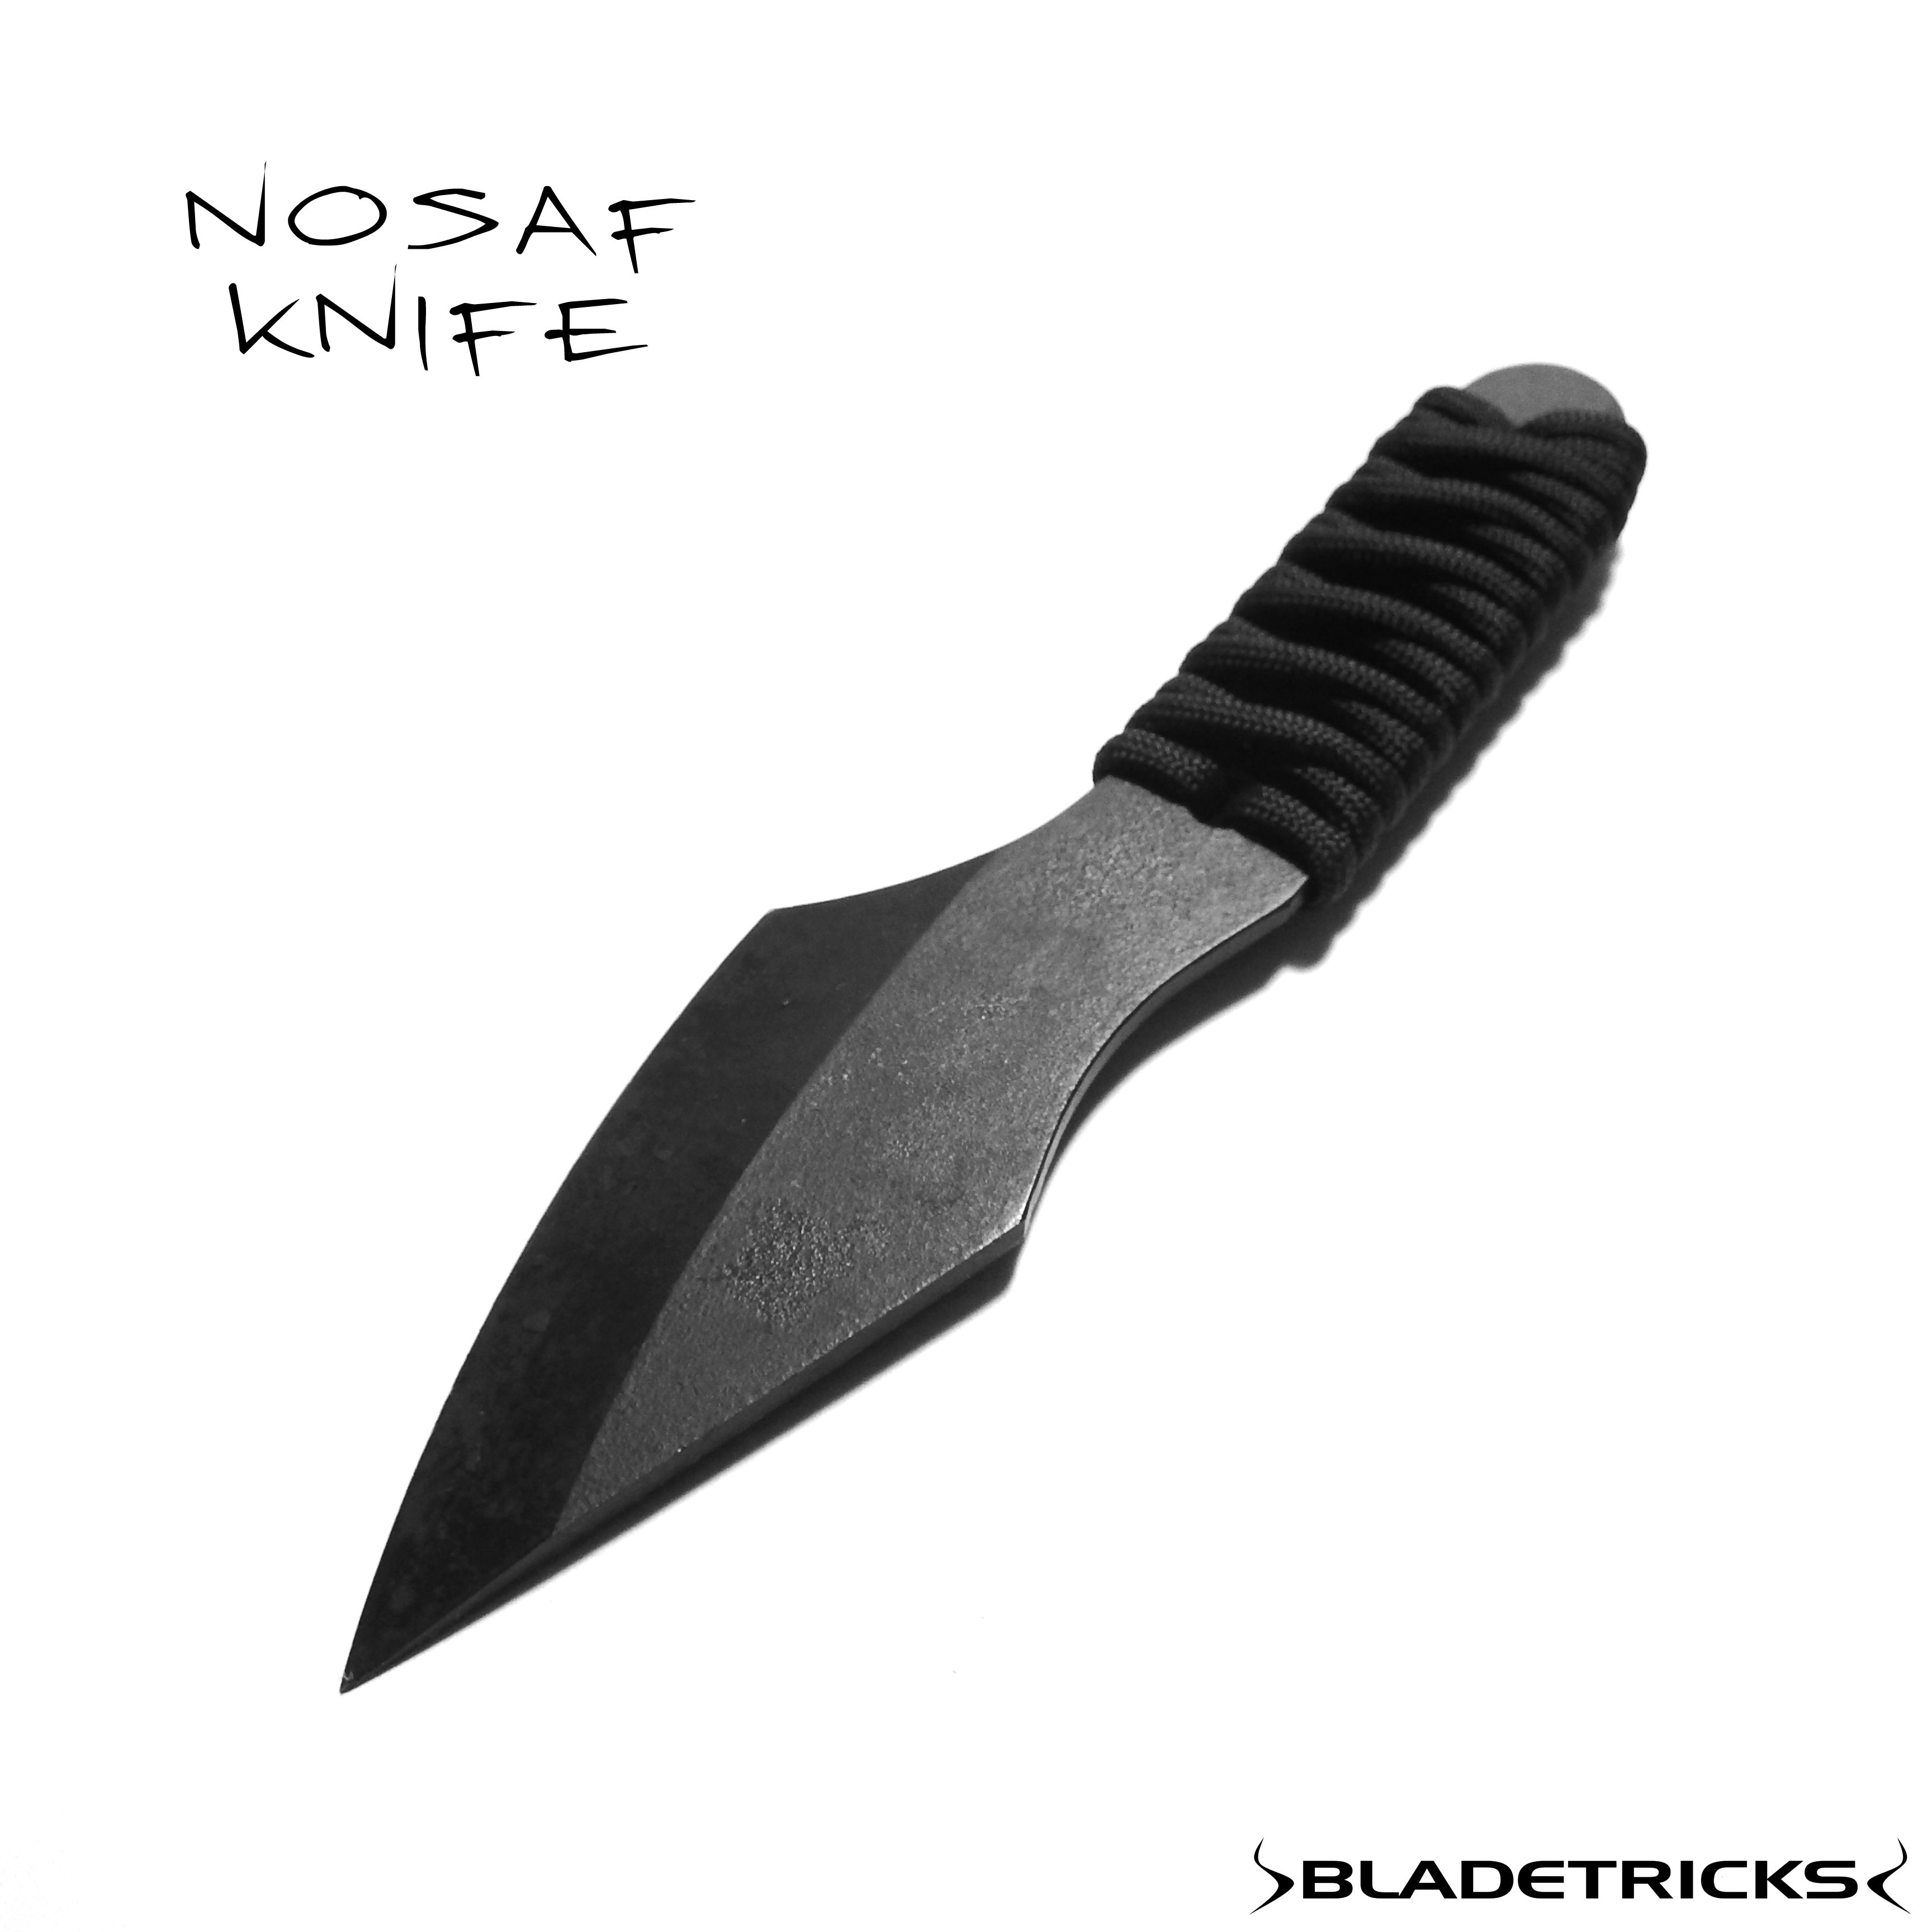 Bladetricks Nosaf Knife | KNIVES | Pinterest | Knives, Blade and ...